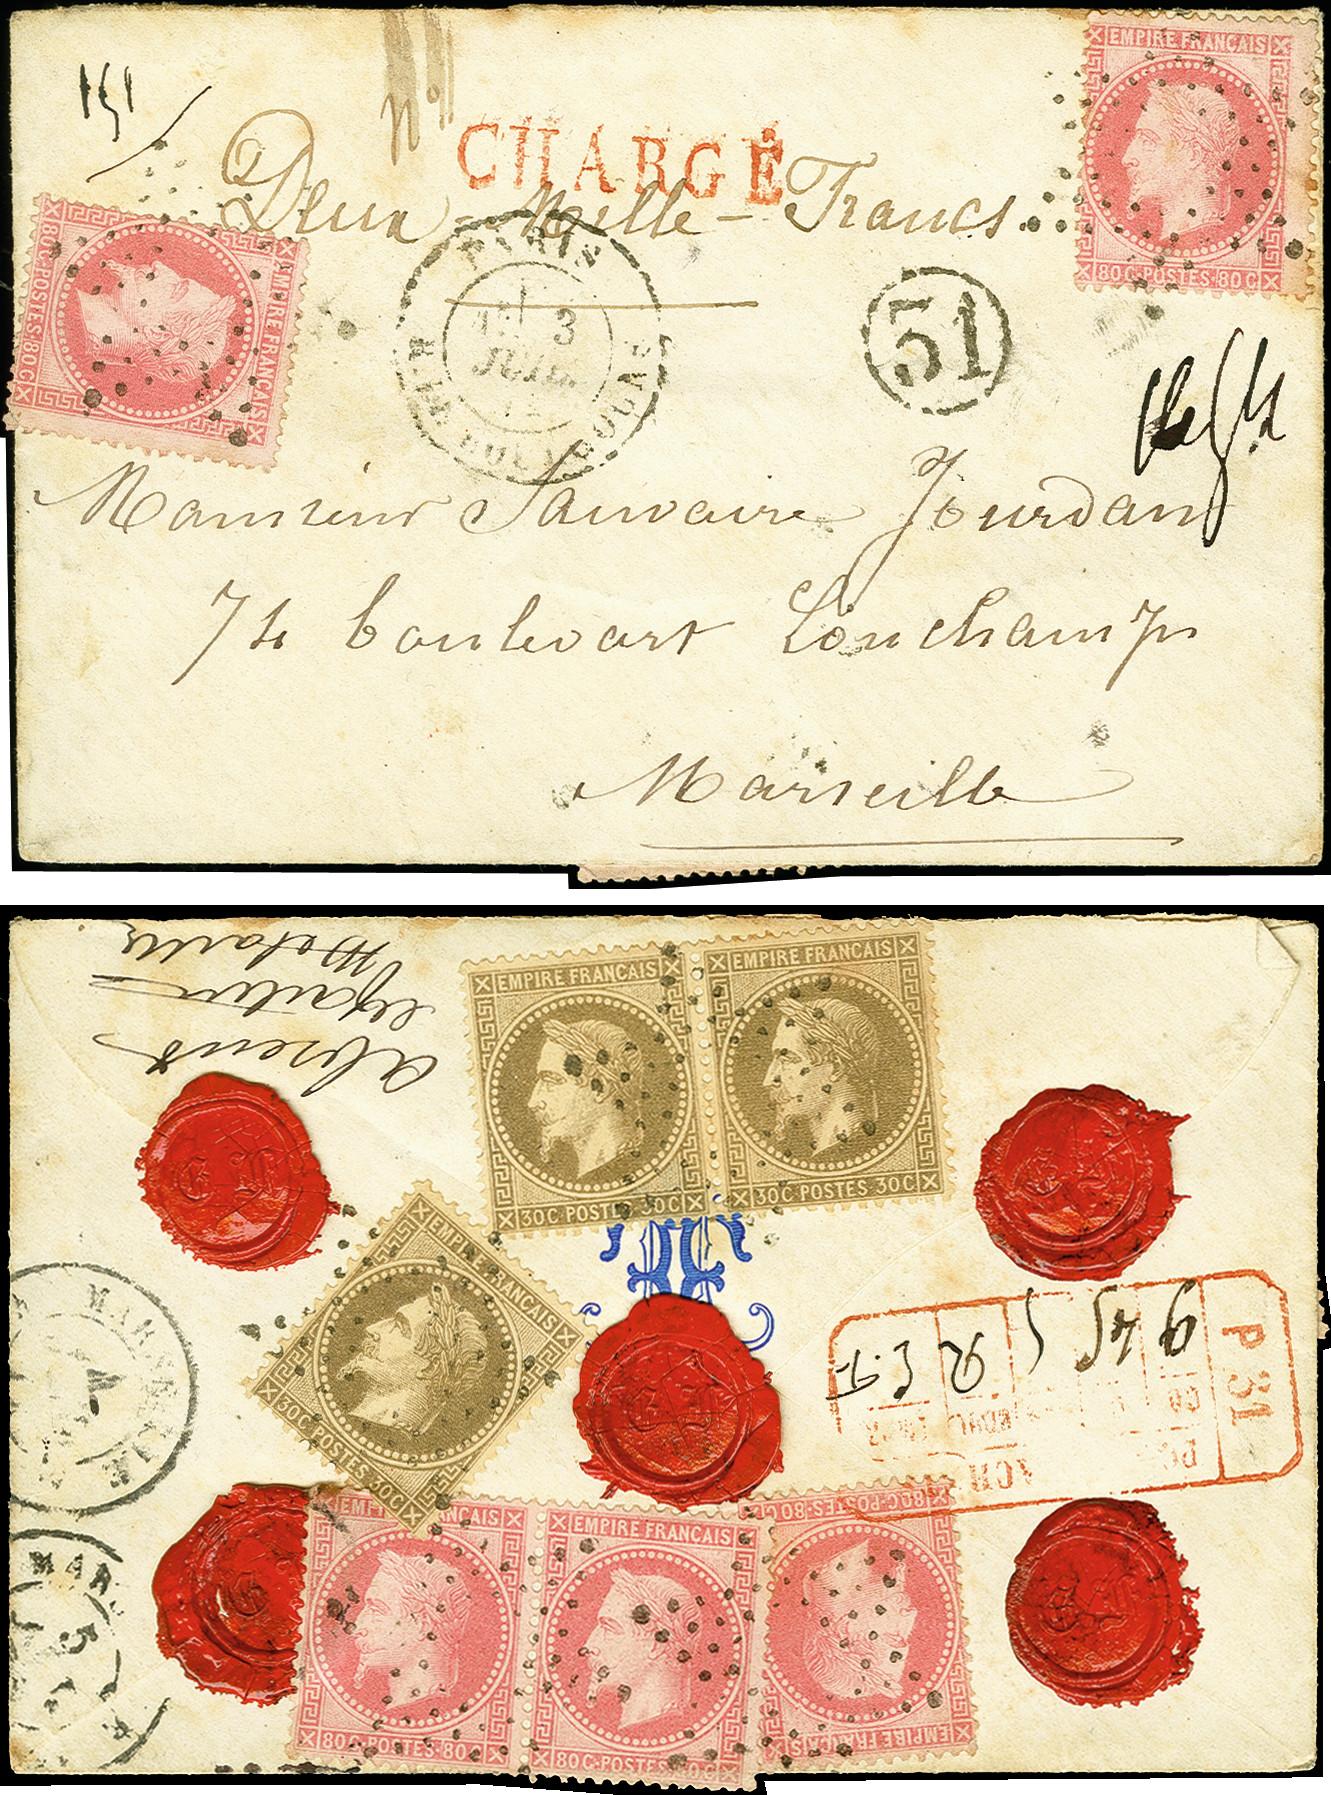 Lot 1304 - europa France -  Heinrich Koehler Auktionen 375rd Heinrich Köhler auction - Day 1